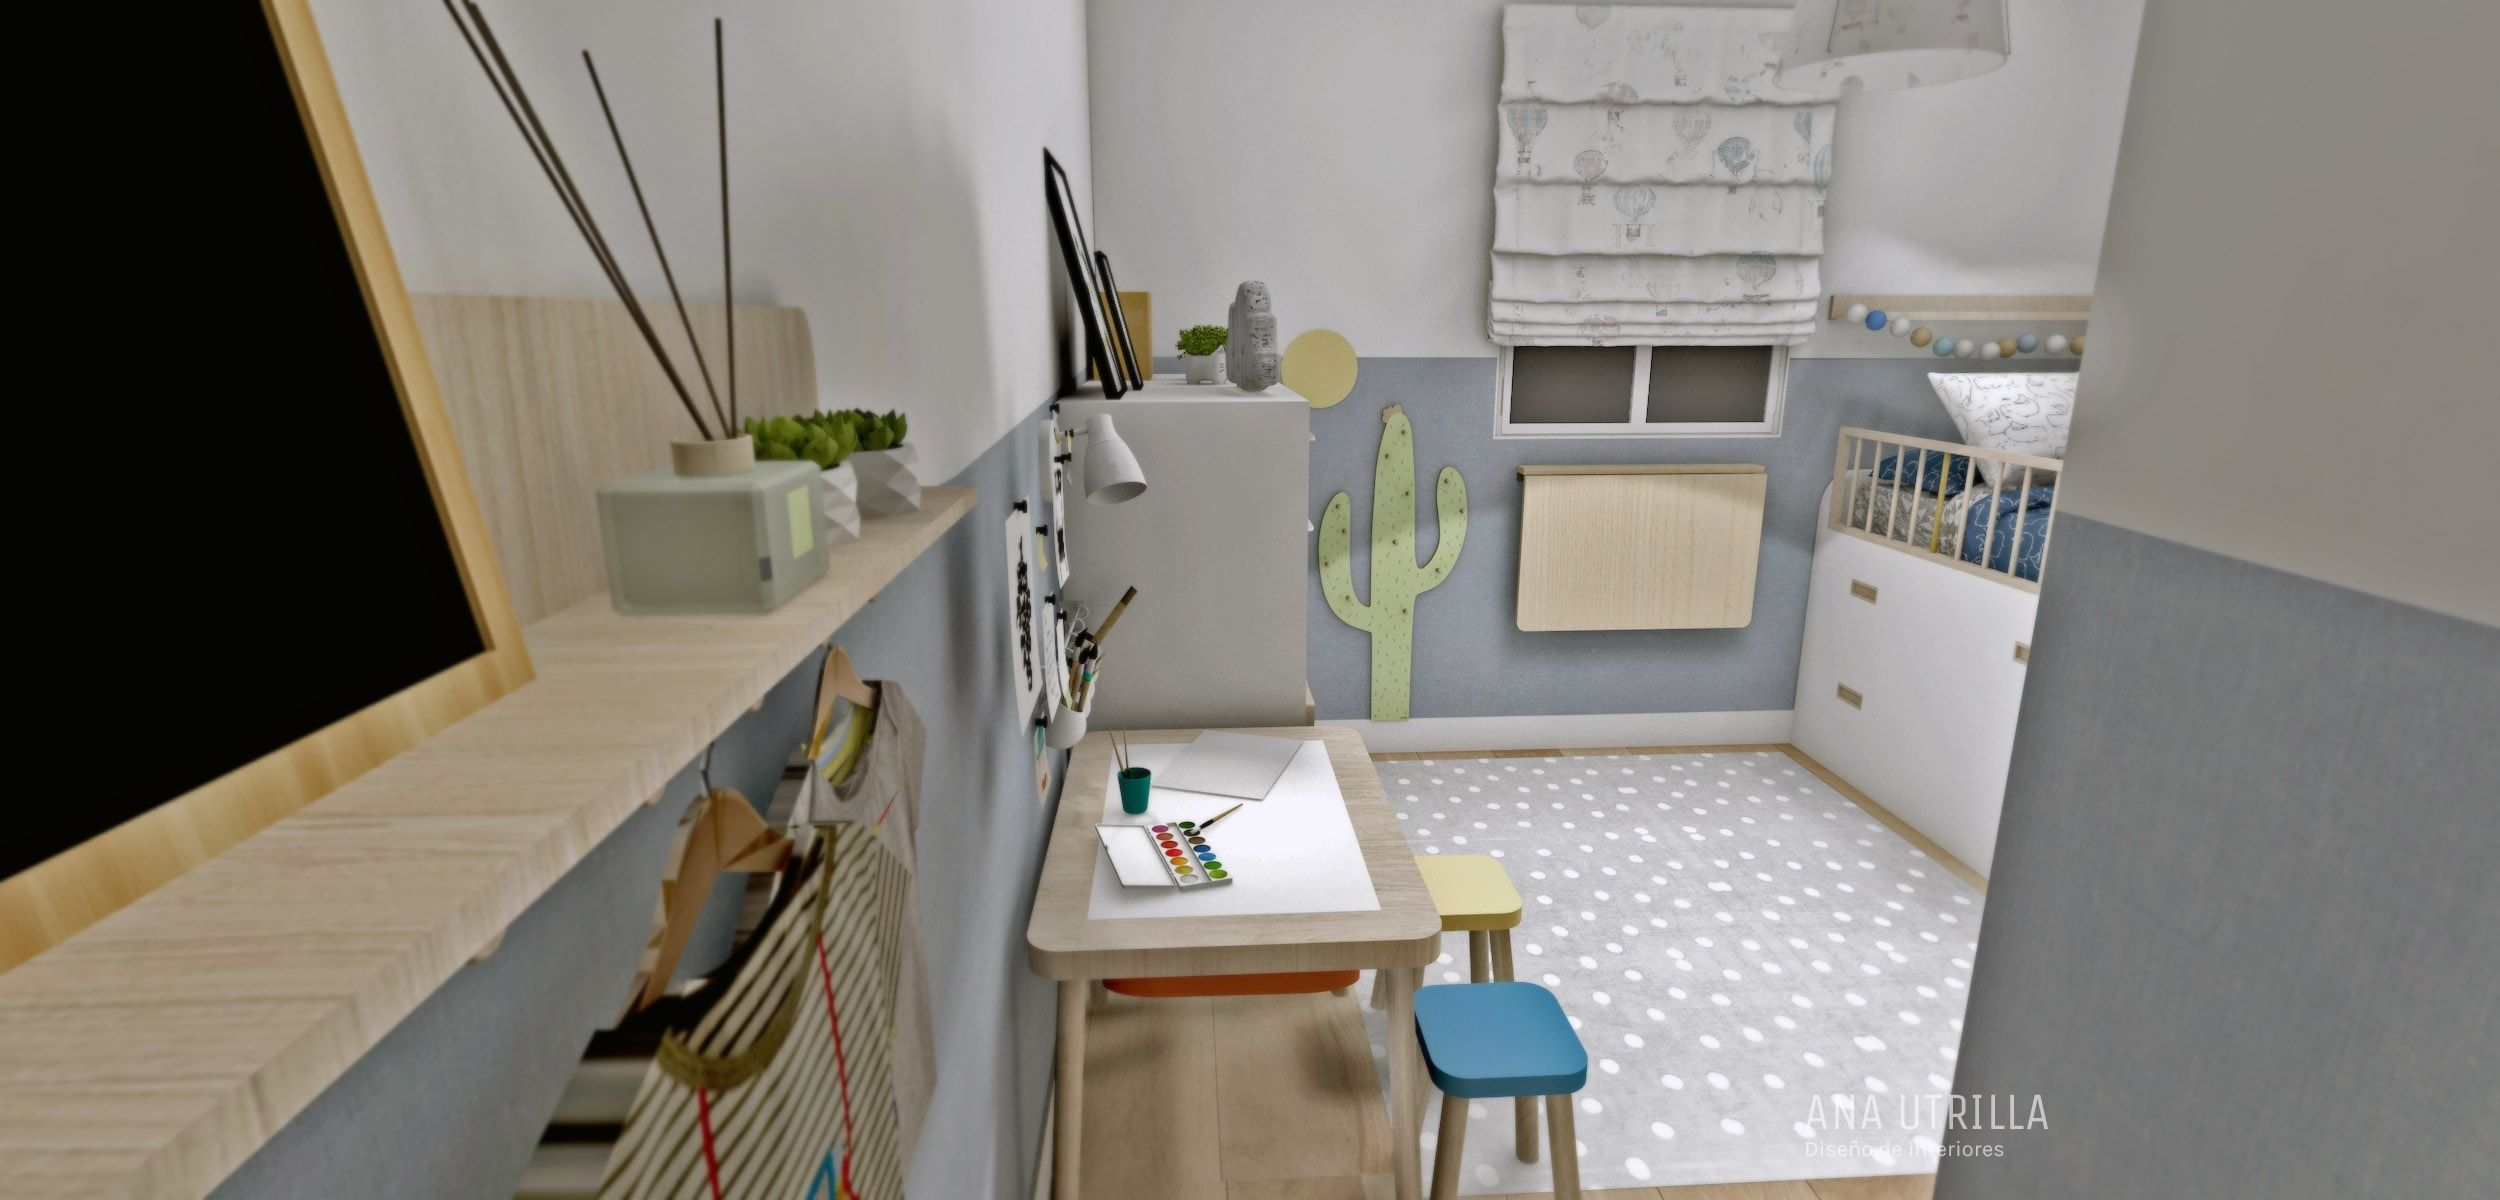 Proyecto decoración de interiores de habitación infantil en Madrid de estilo Nórdico +clásico por @Utrillanais